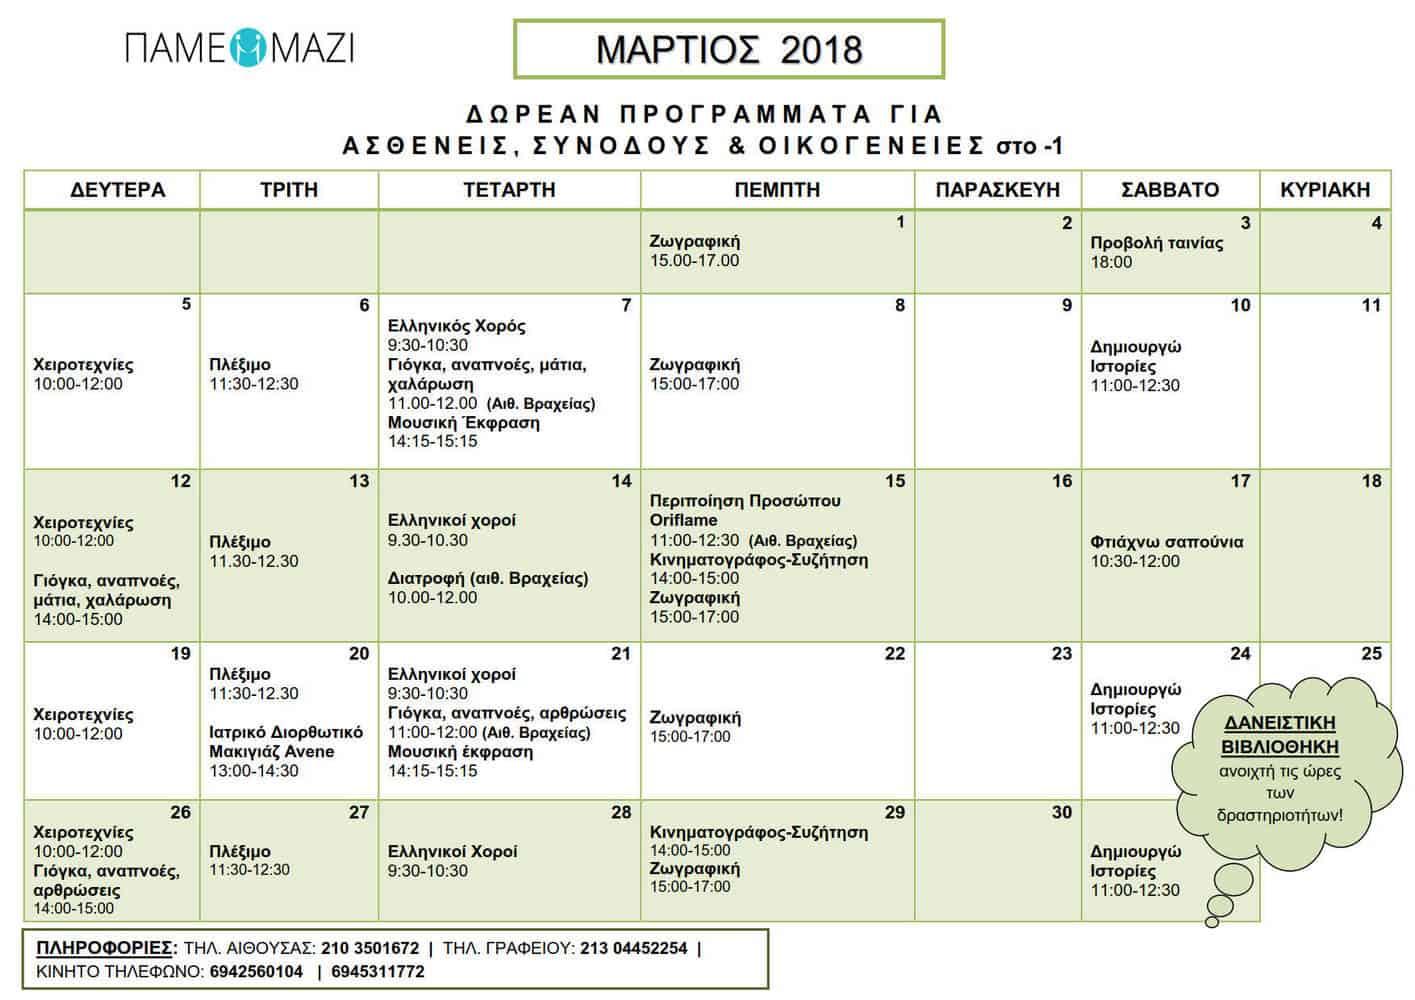 Πρόγραμμα Μάρτιος 2018